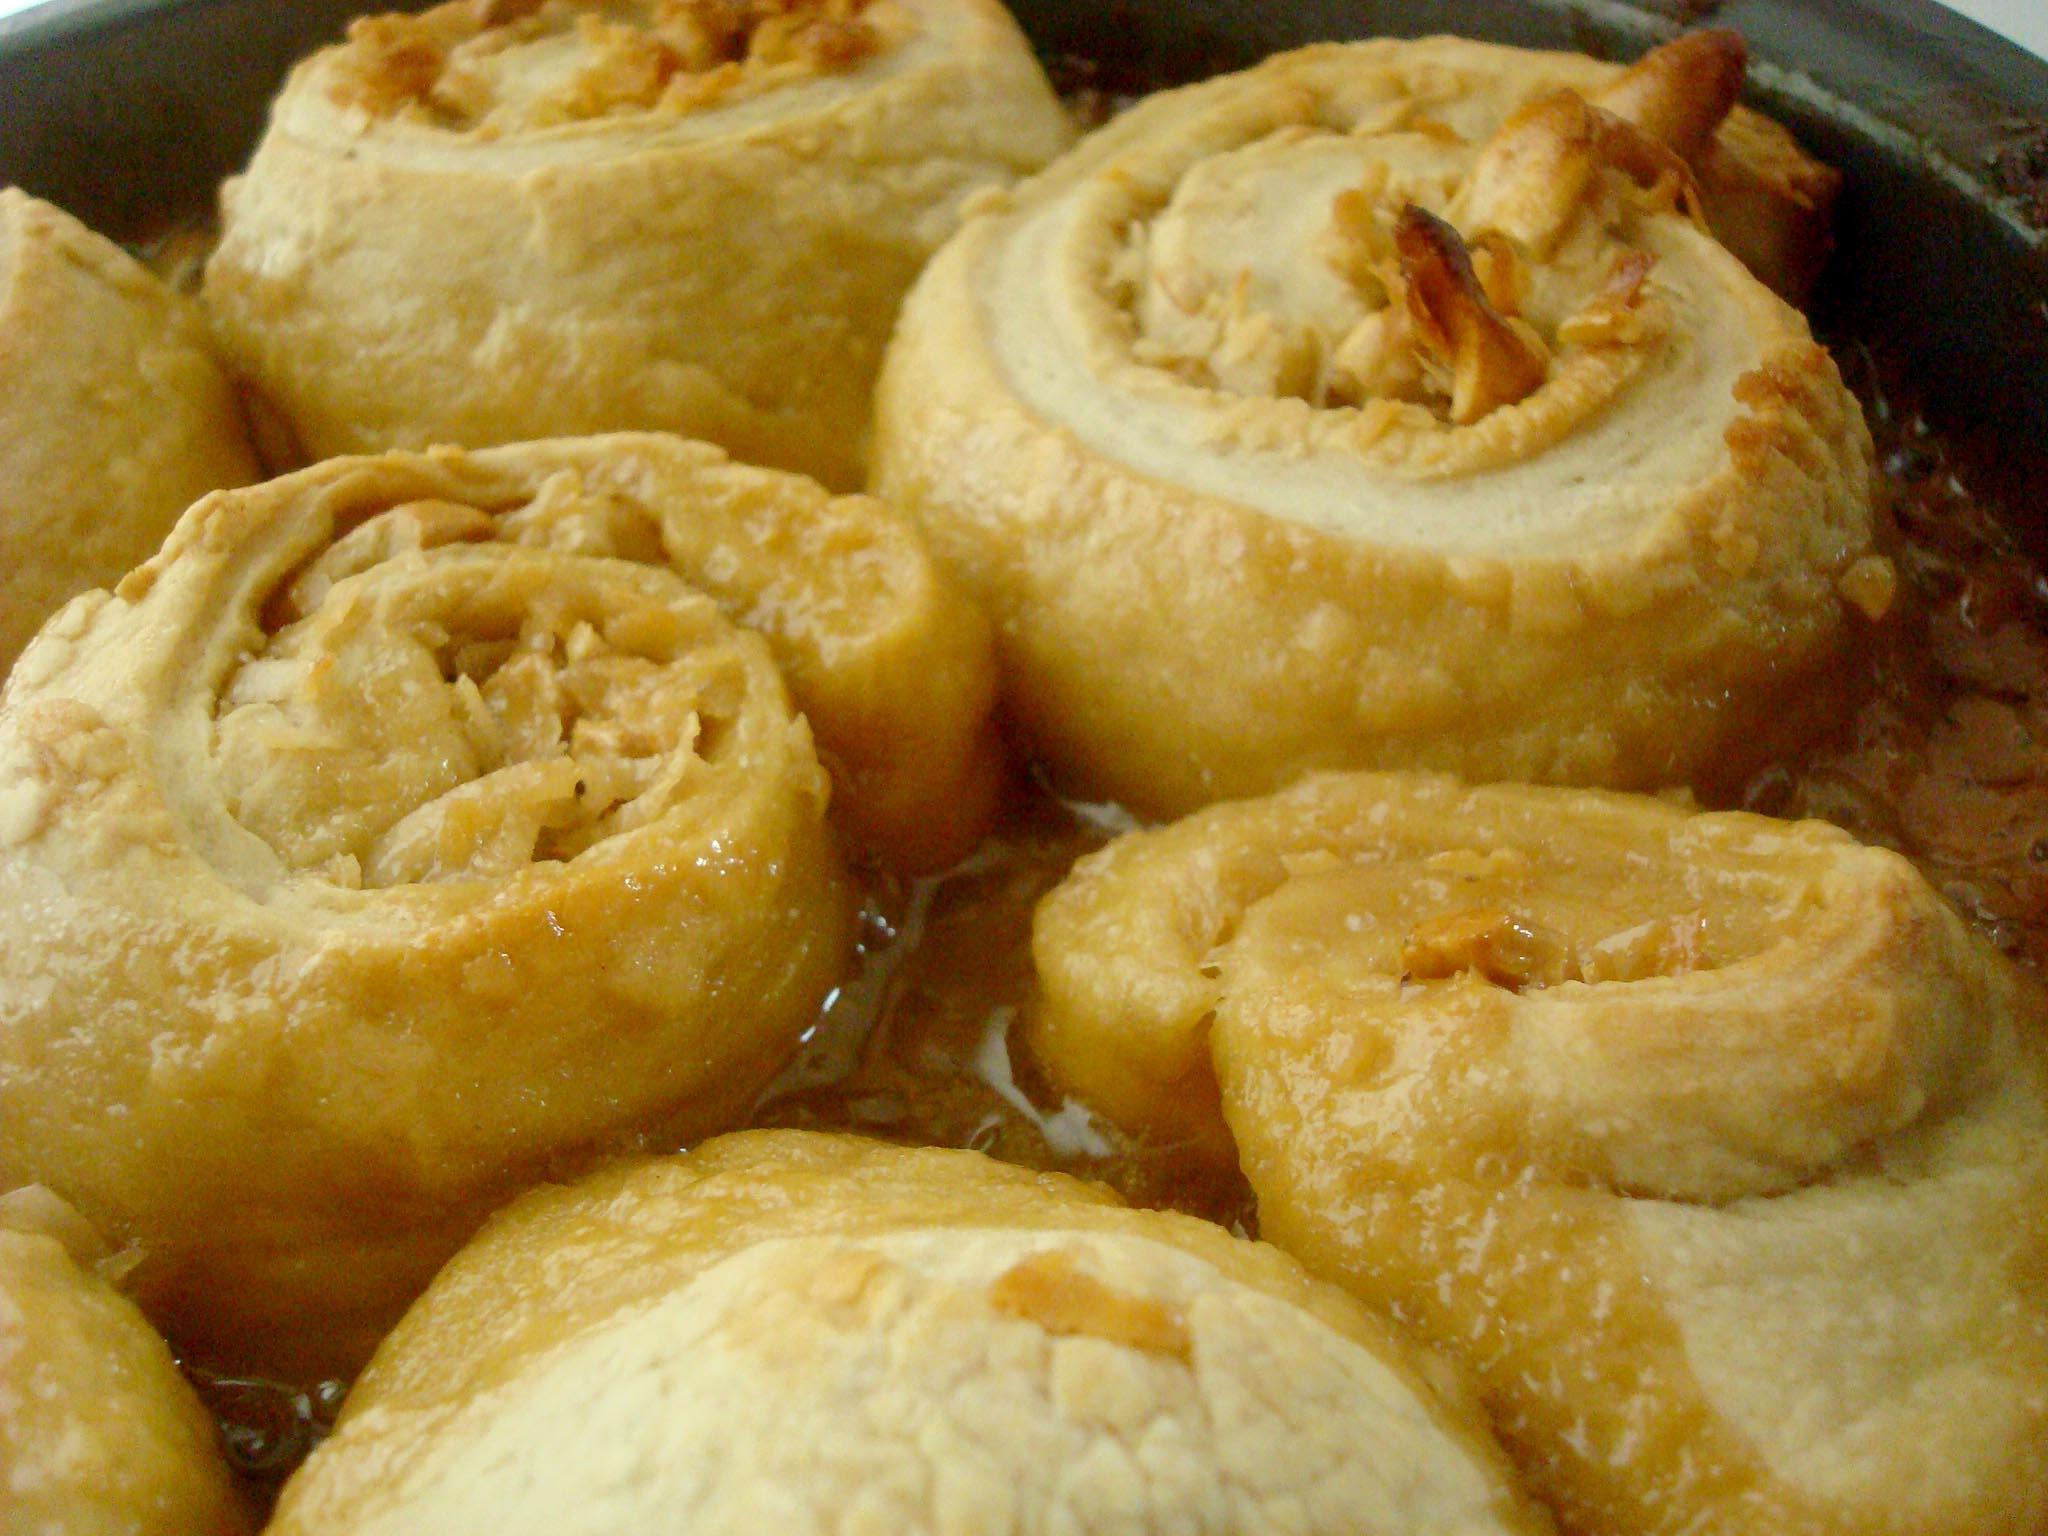 Pan full of baked homemade sticky buns